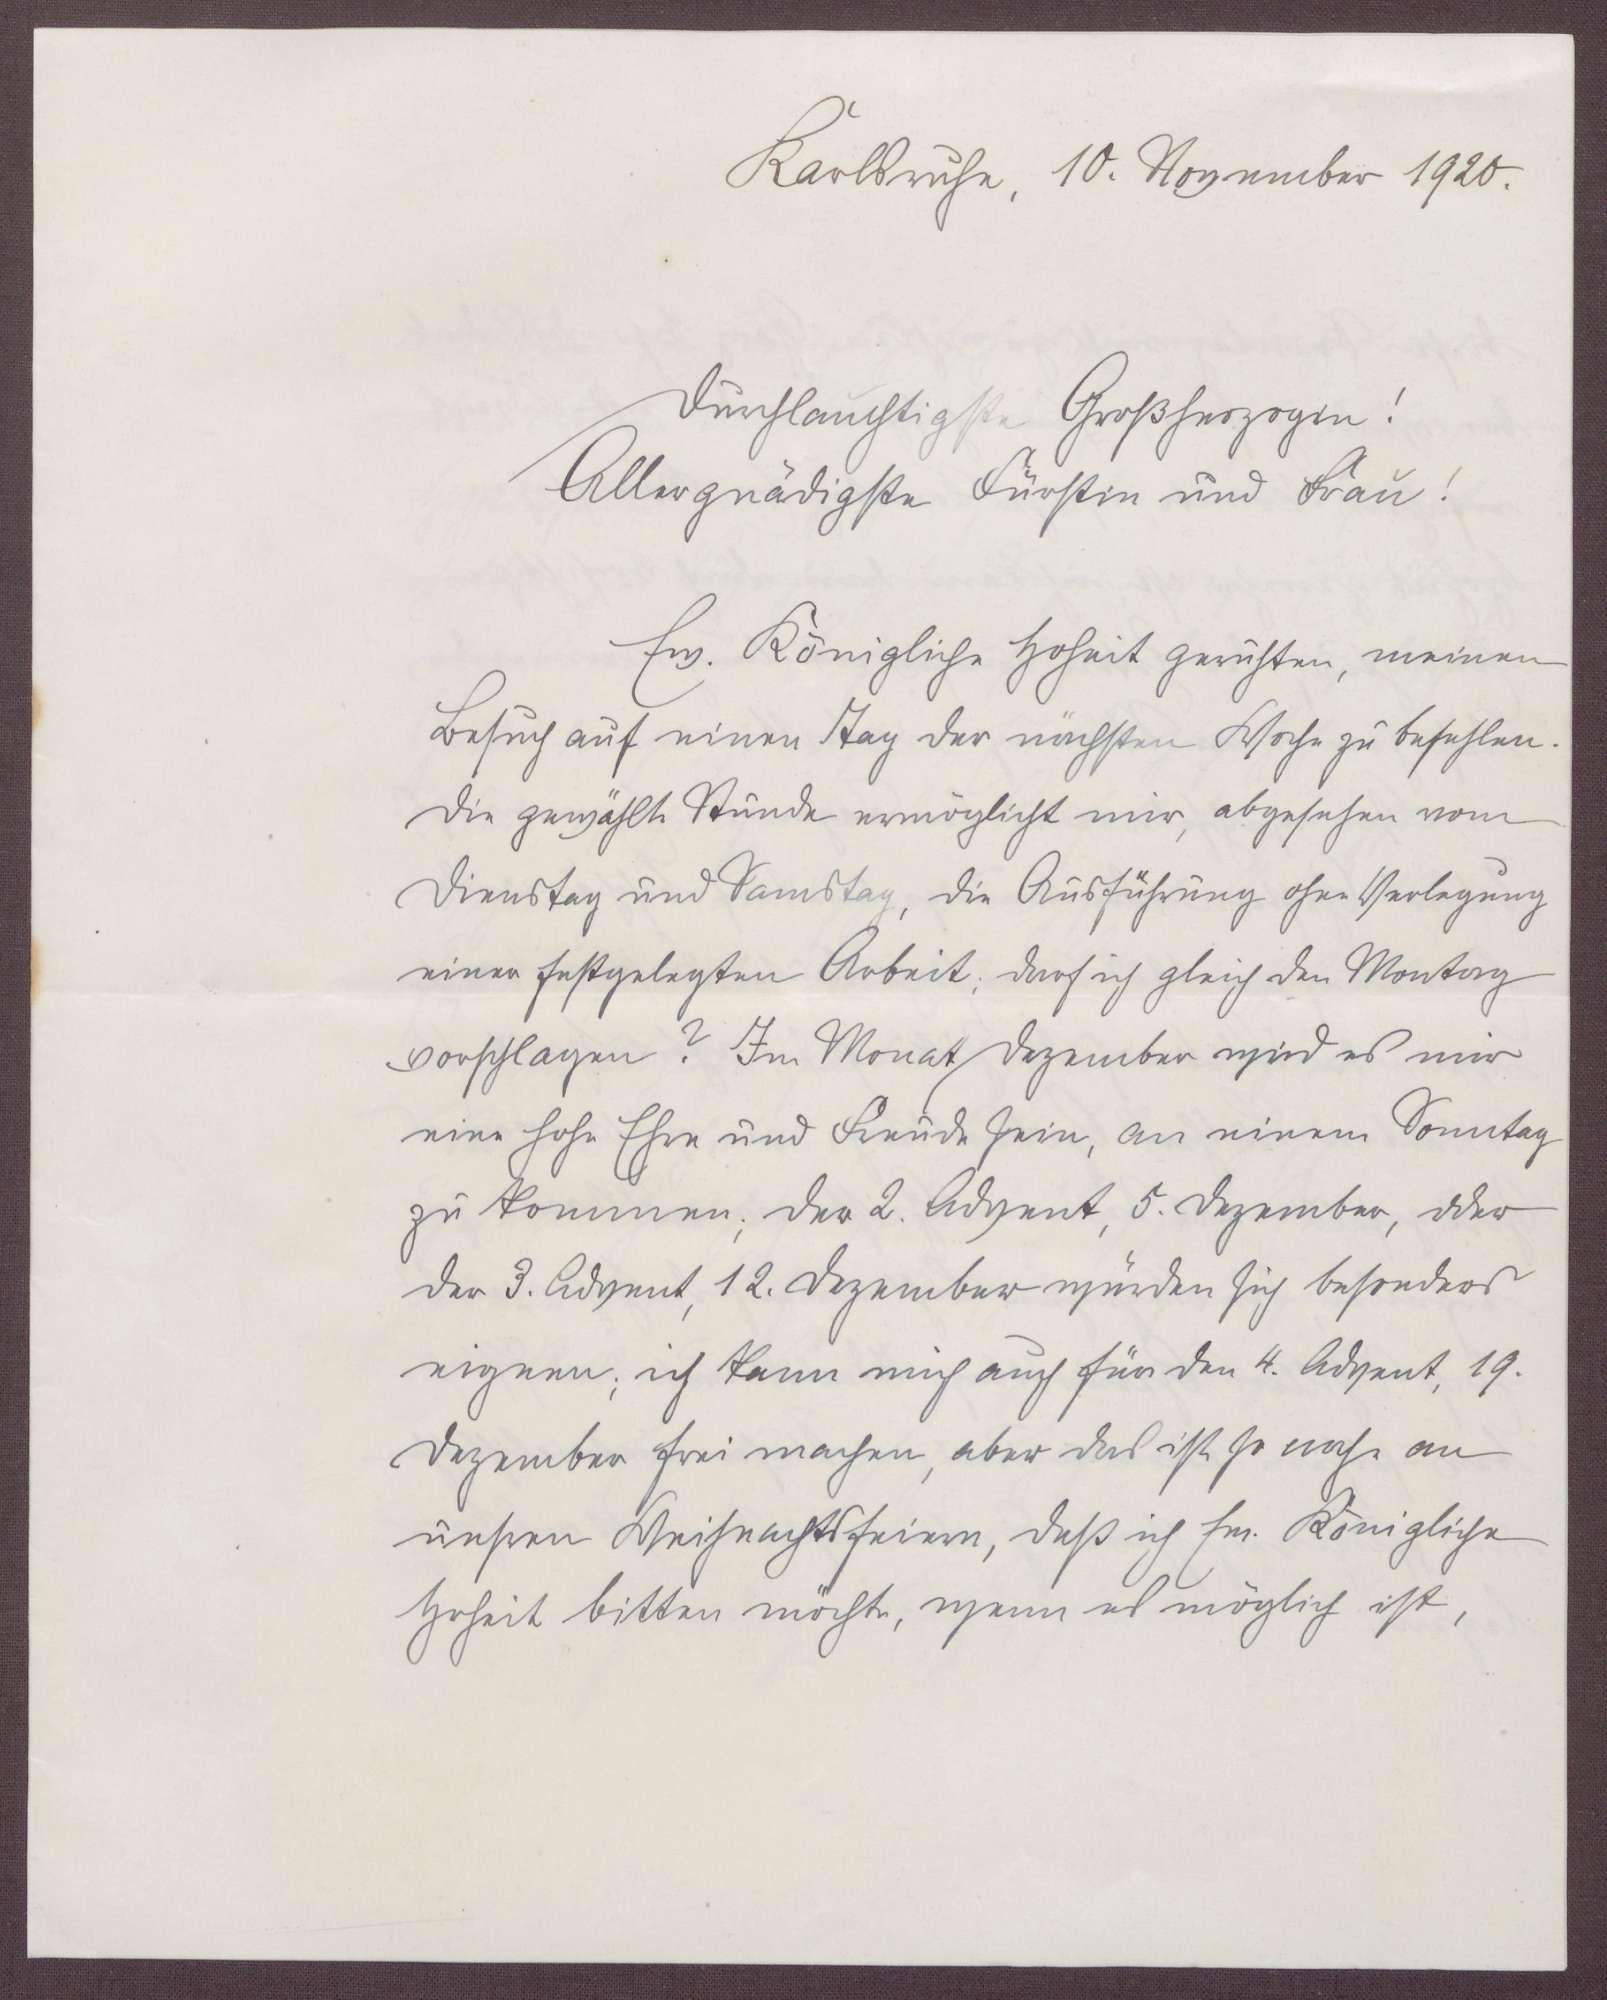 Schreiben von Friedrich Katz an die Großherzogin Luise; Besuch von Katz bei der Großherzogin; Erinnerungen an 1918; Geburtstag von Martin Luther und Friedrich Schiller, Bild 1